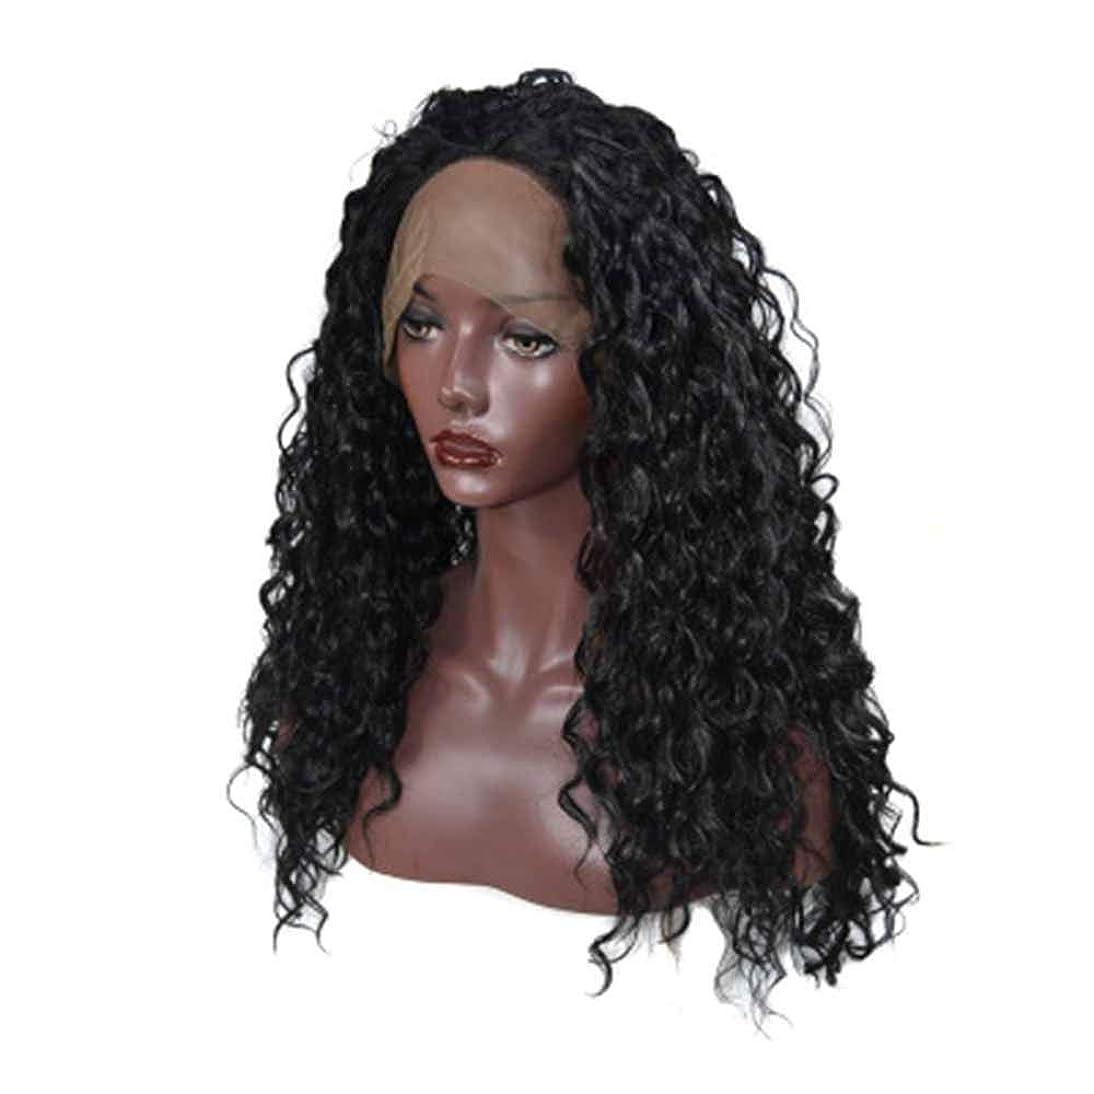 寸前歌詞資料ZXF ヨーロッパとアメリカのかつら女性ふわふわカーラーカバーフロントレース化学繊維偽黒小さな巻き毛の長い巻き毛の女性のかつらヘッドギア 美しい